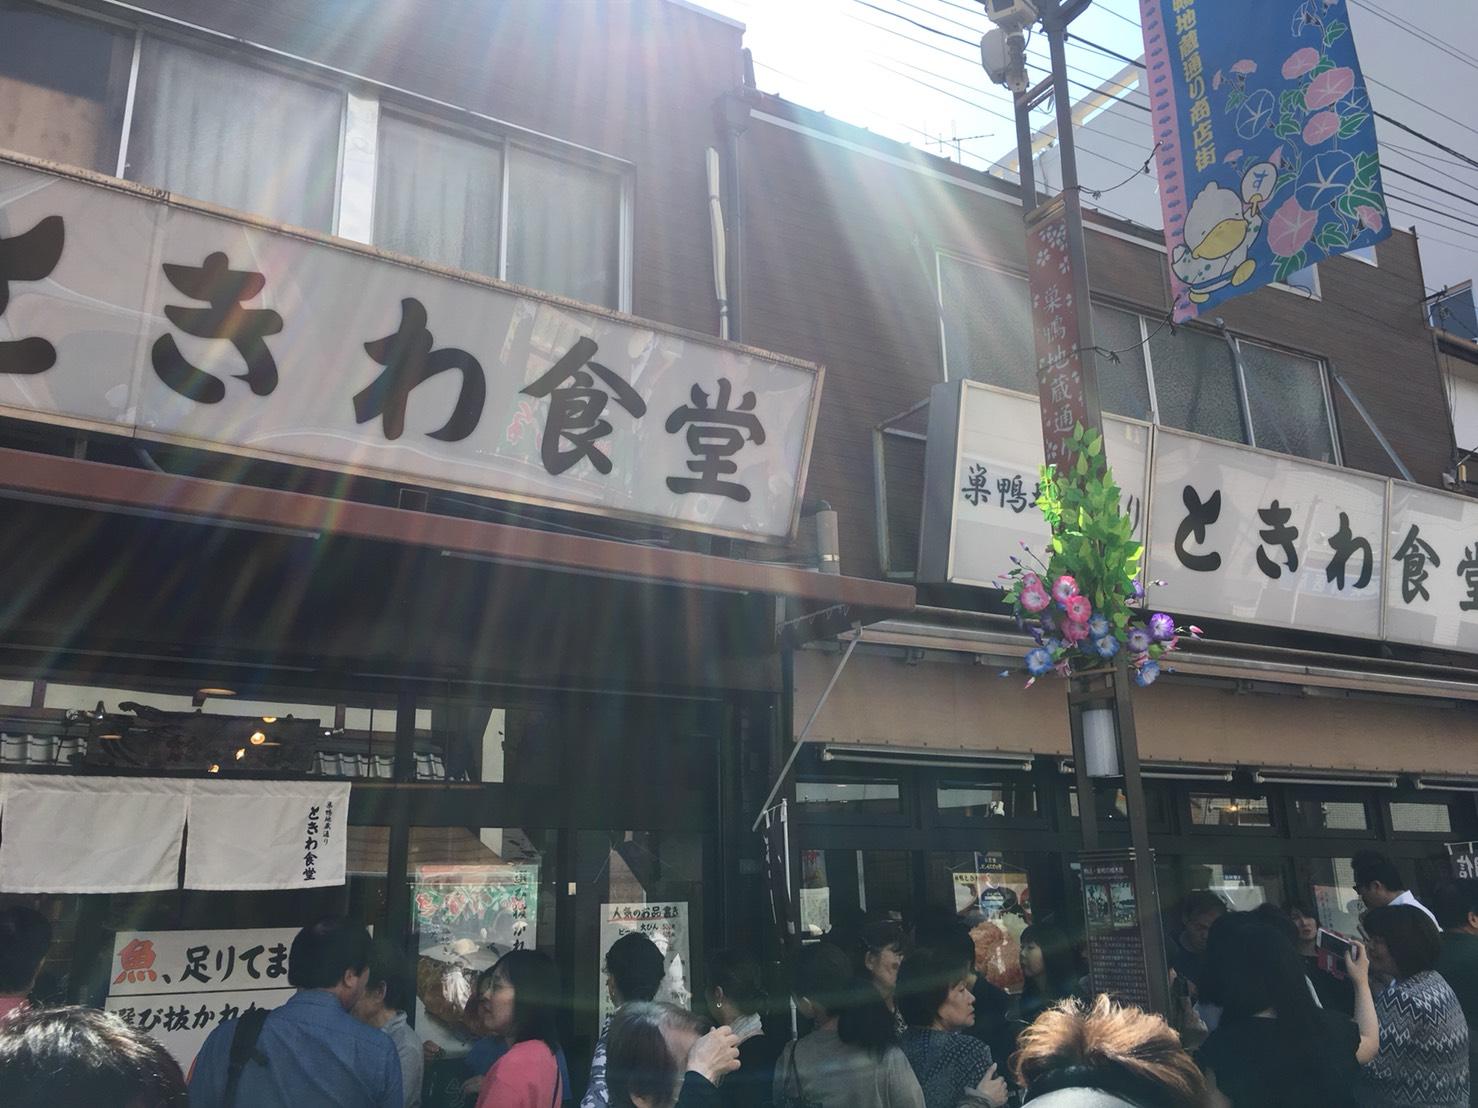 【巣鴨駅】行列必至!地元民の絶大な大人を誇る名店。美味すぎてハマった「巣鴨 ときわ食堂」